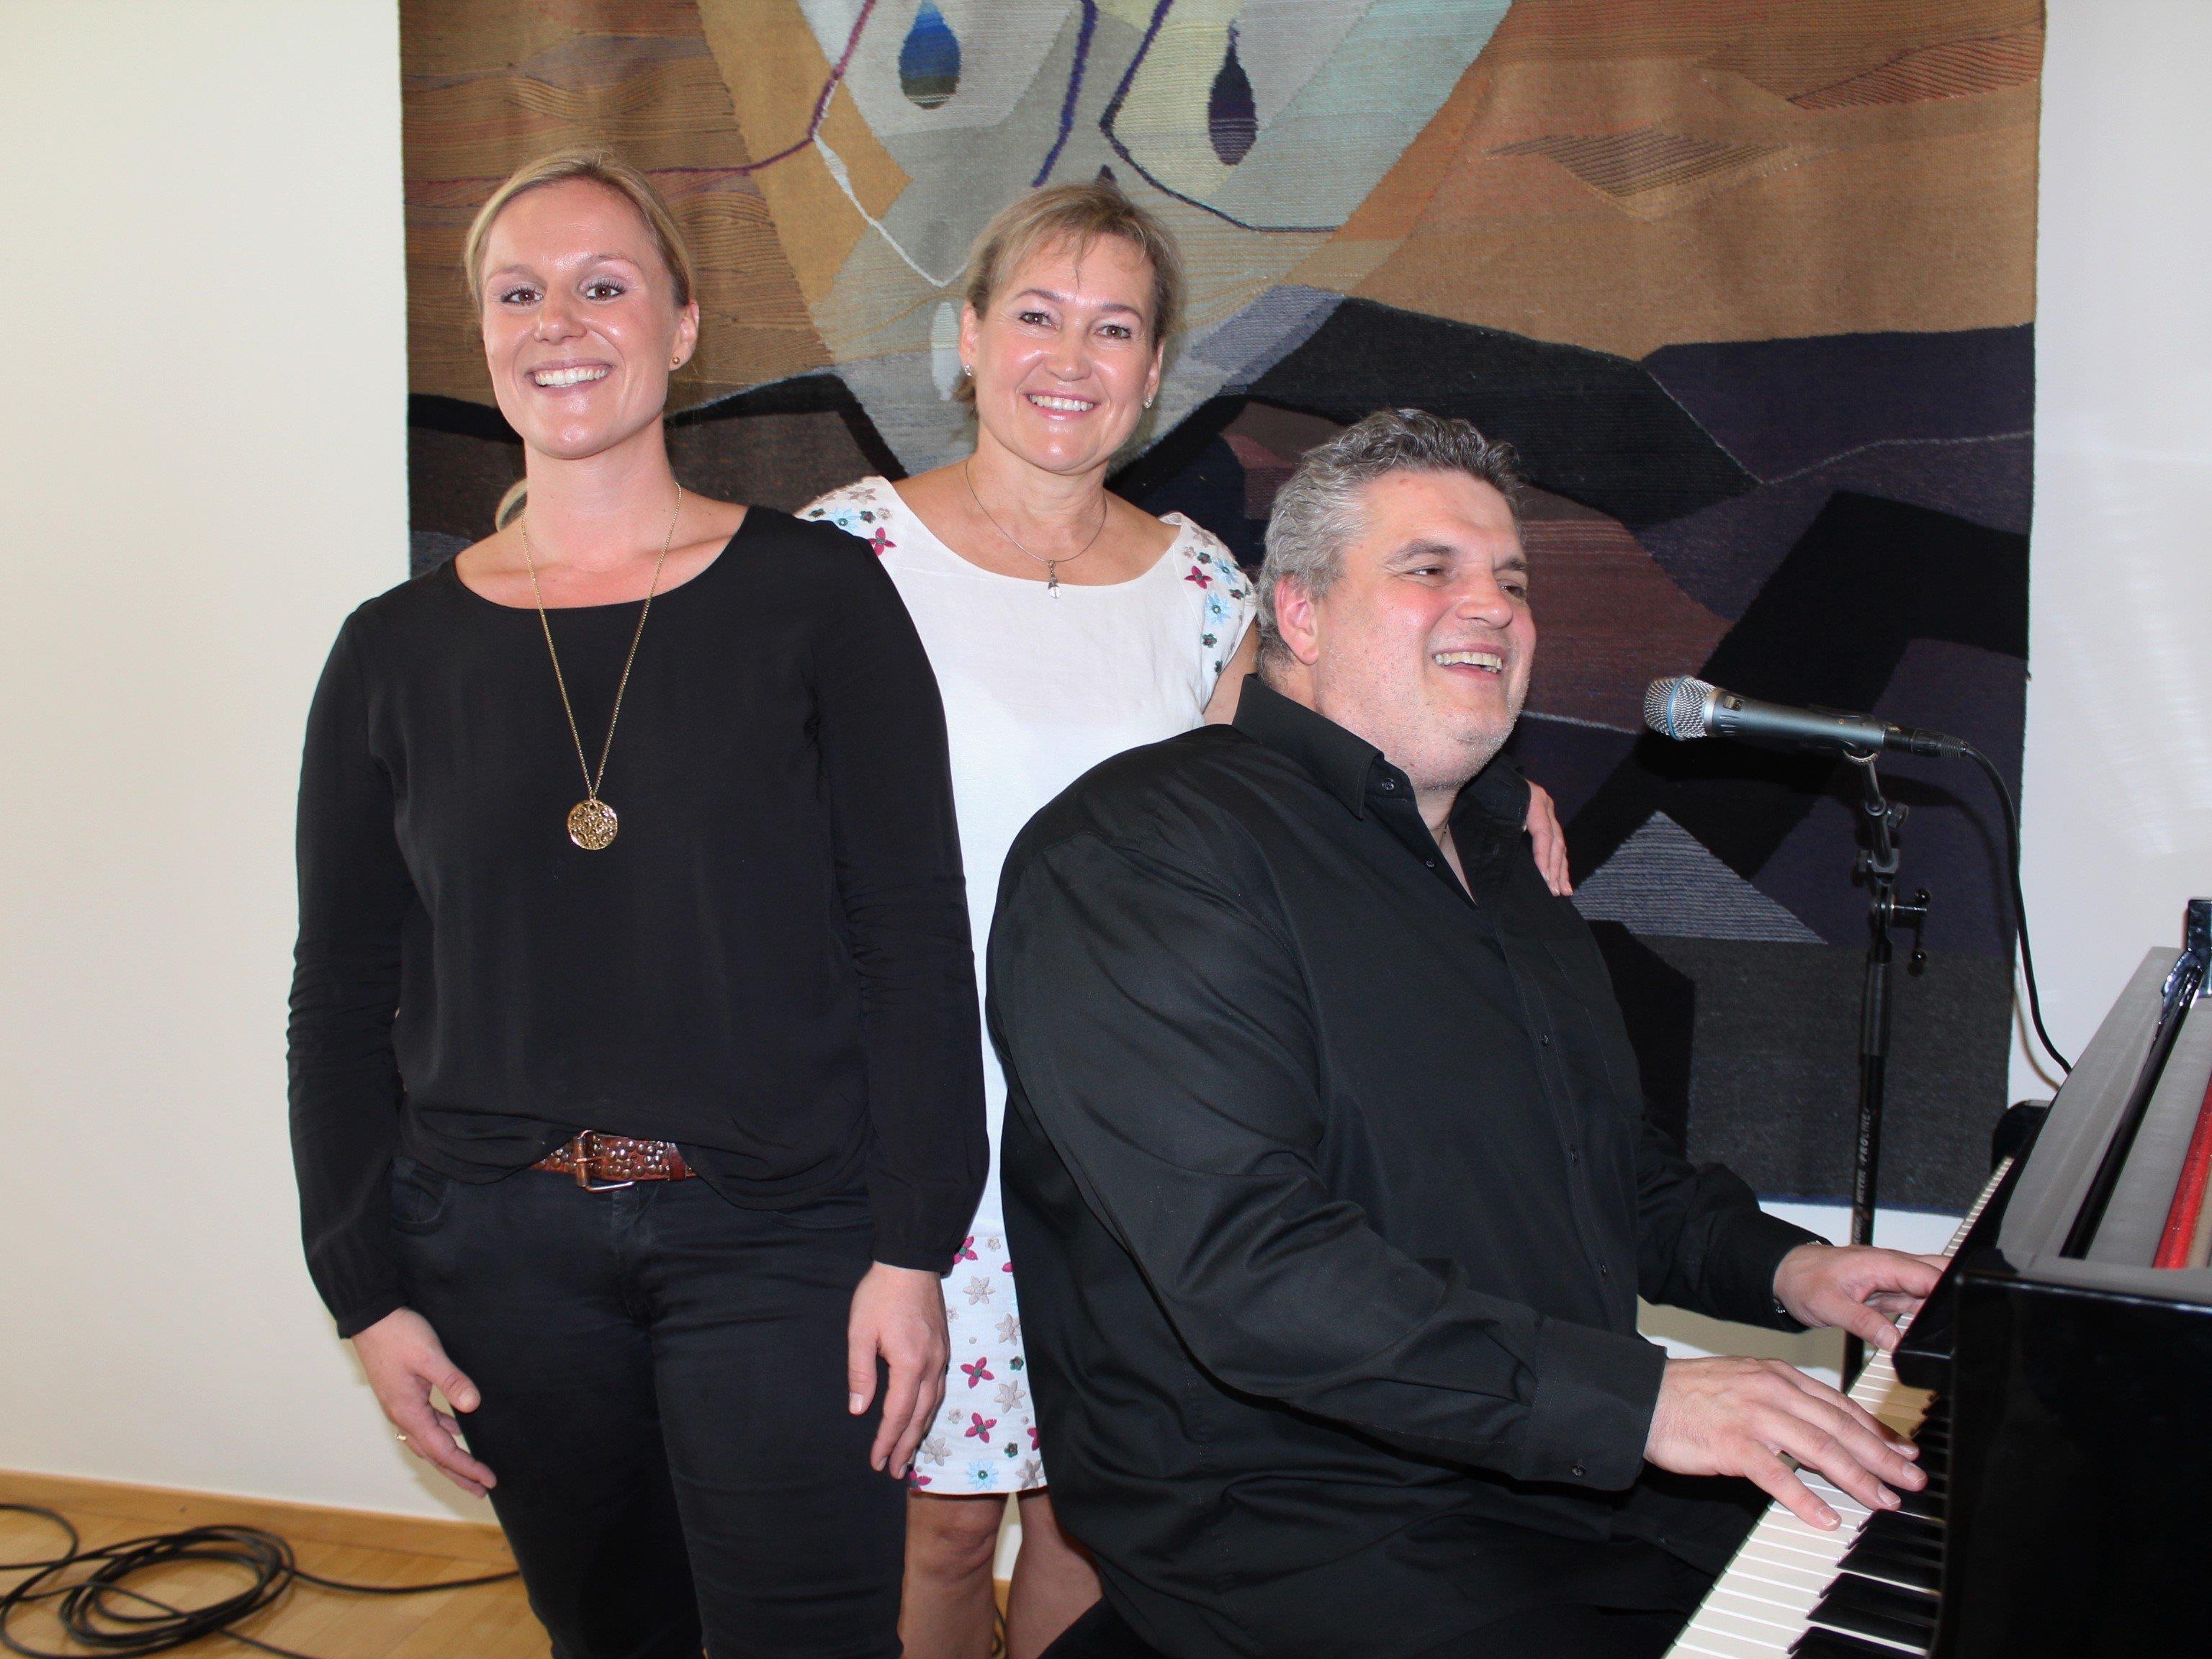 Birgit Giselbrecht-Plankel inmitten von Michelle und George Nussbaumer.